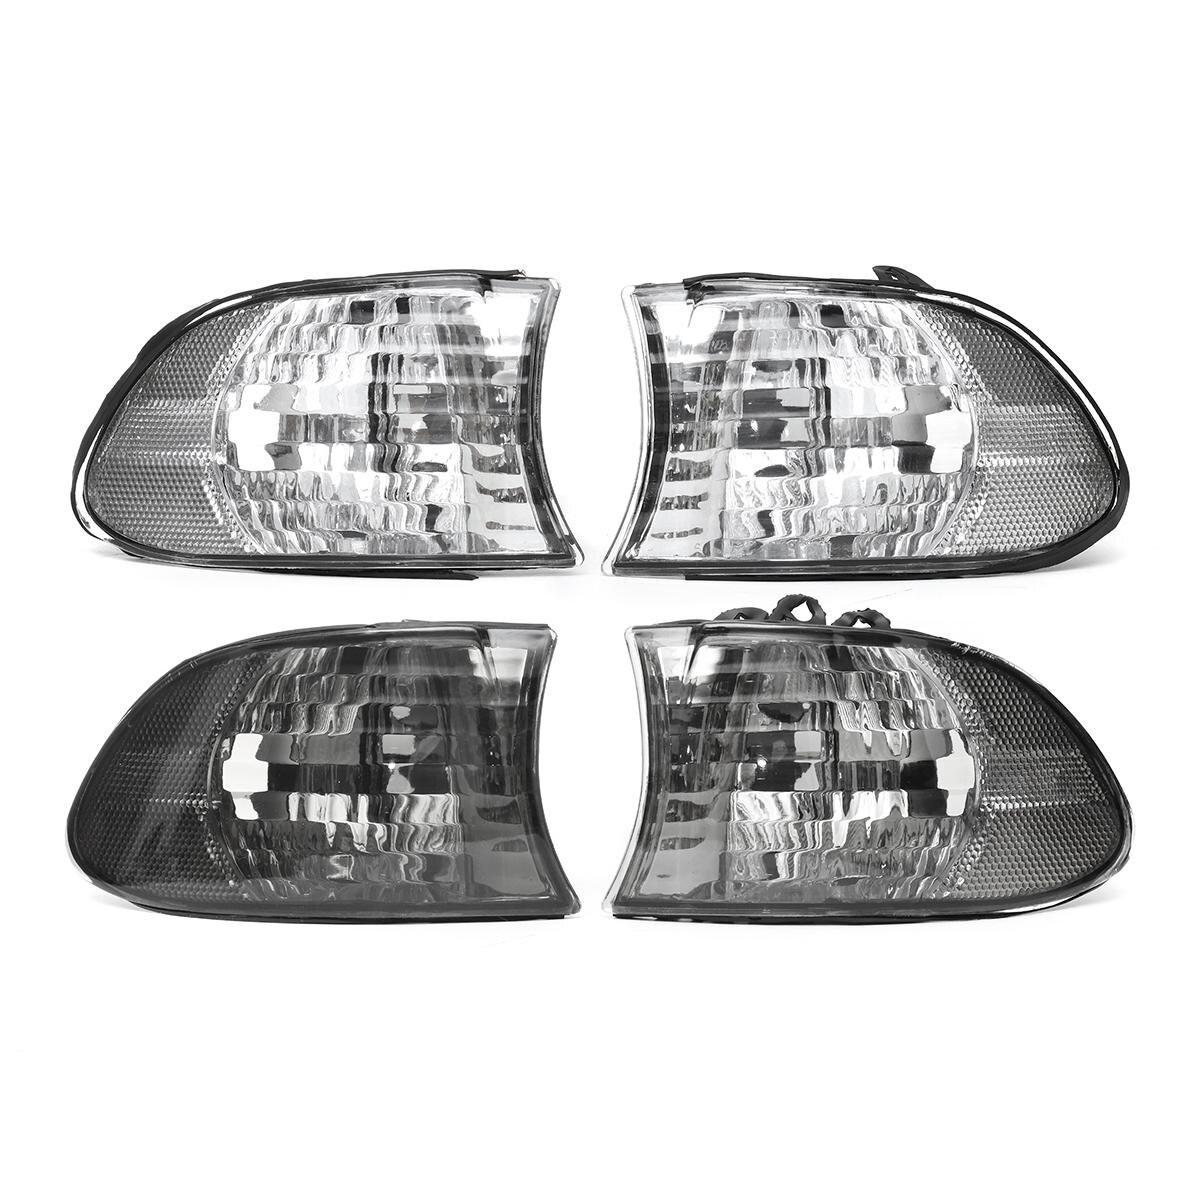 1Pair Car Corner Light Left+Right Side Lamps For BMW 7 Series E38 1999 2000 2001 car light left